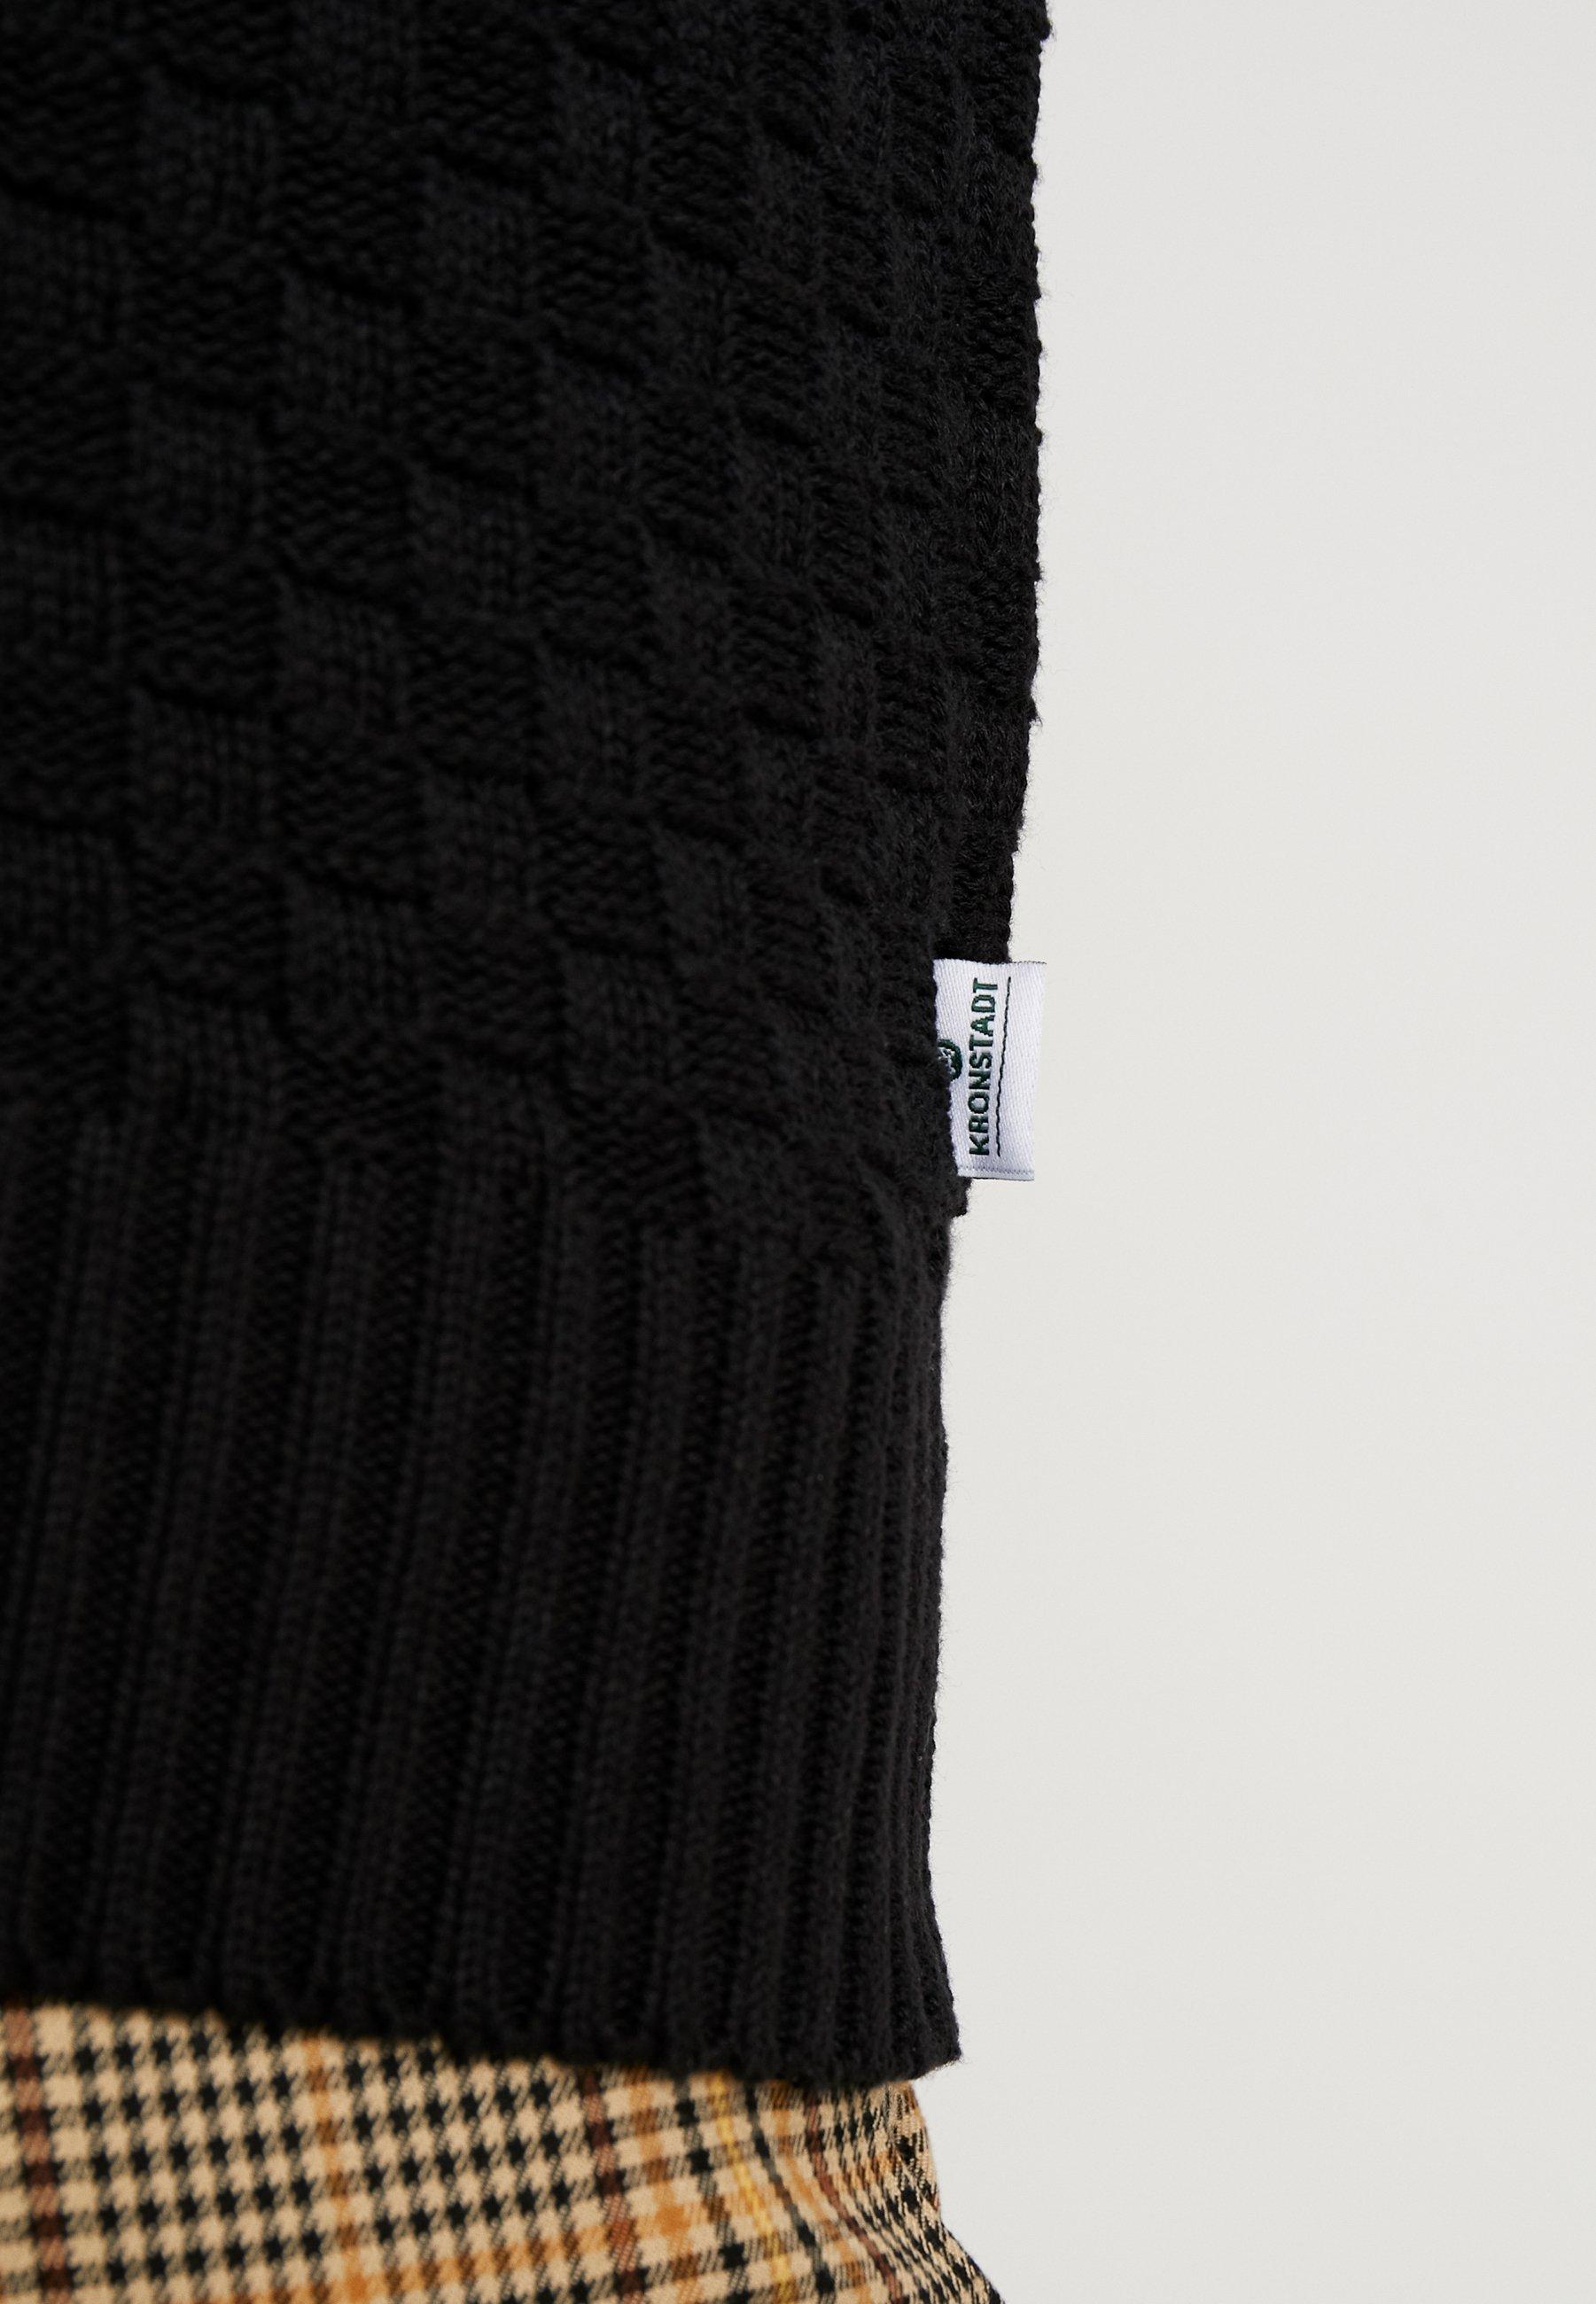 Kronstadt Benjamin - Cardigan Black/svart